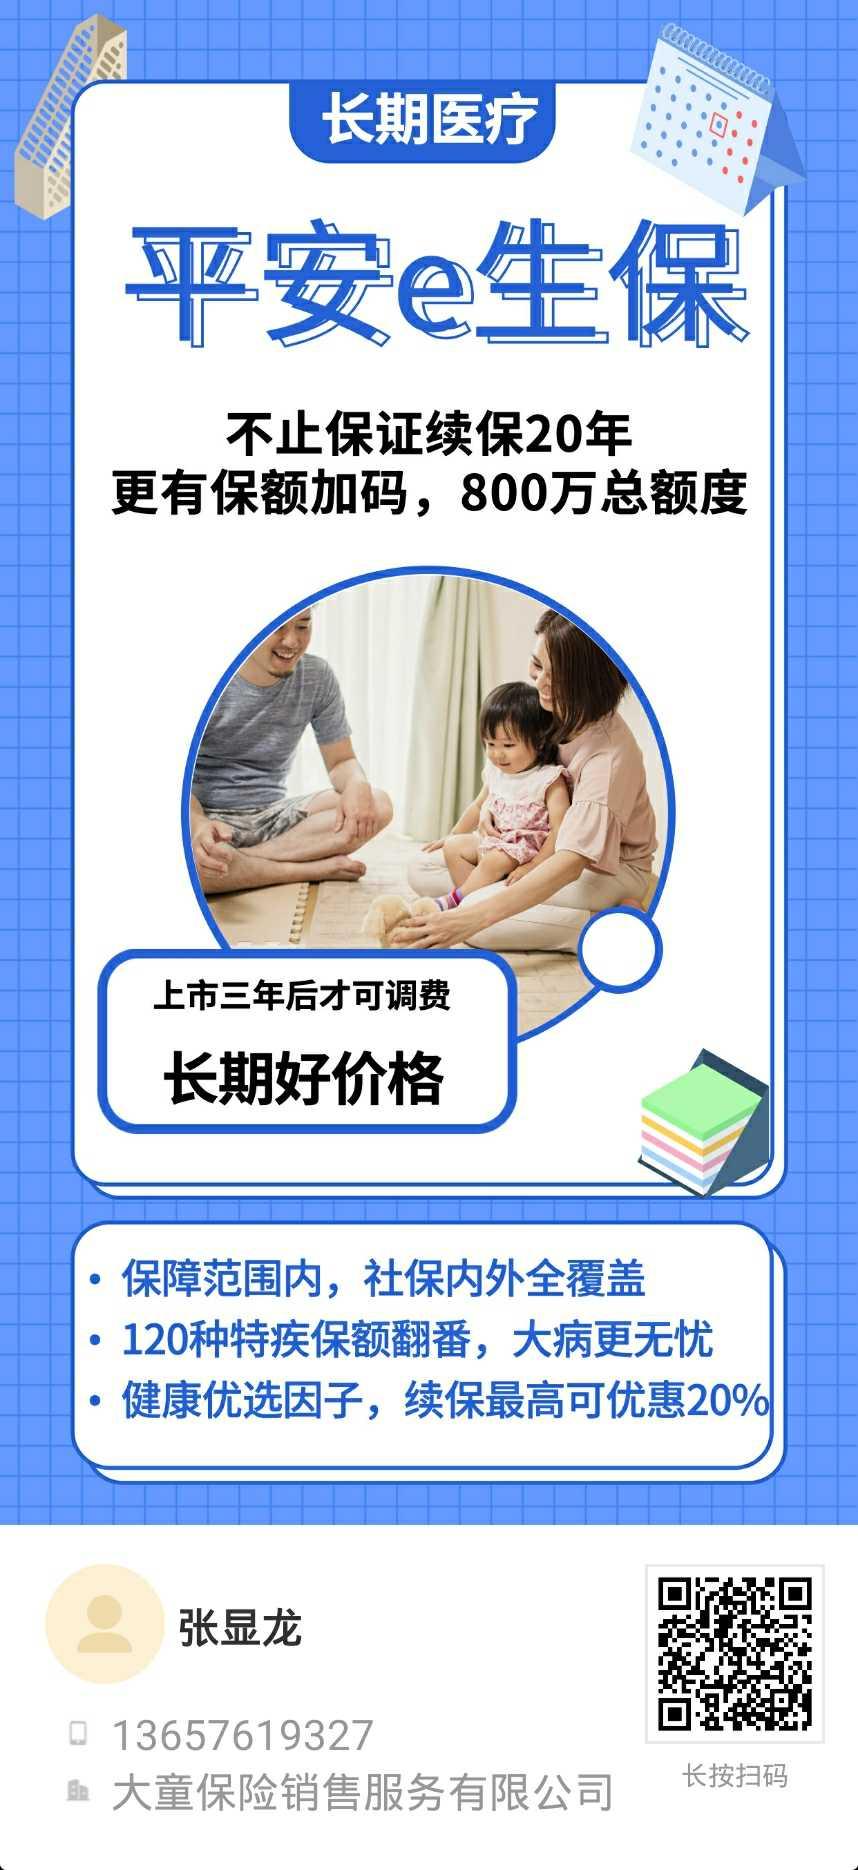 QQ图片20200922102654.jpg